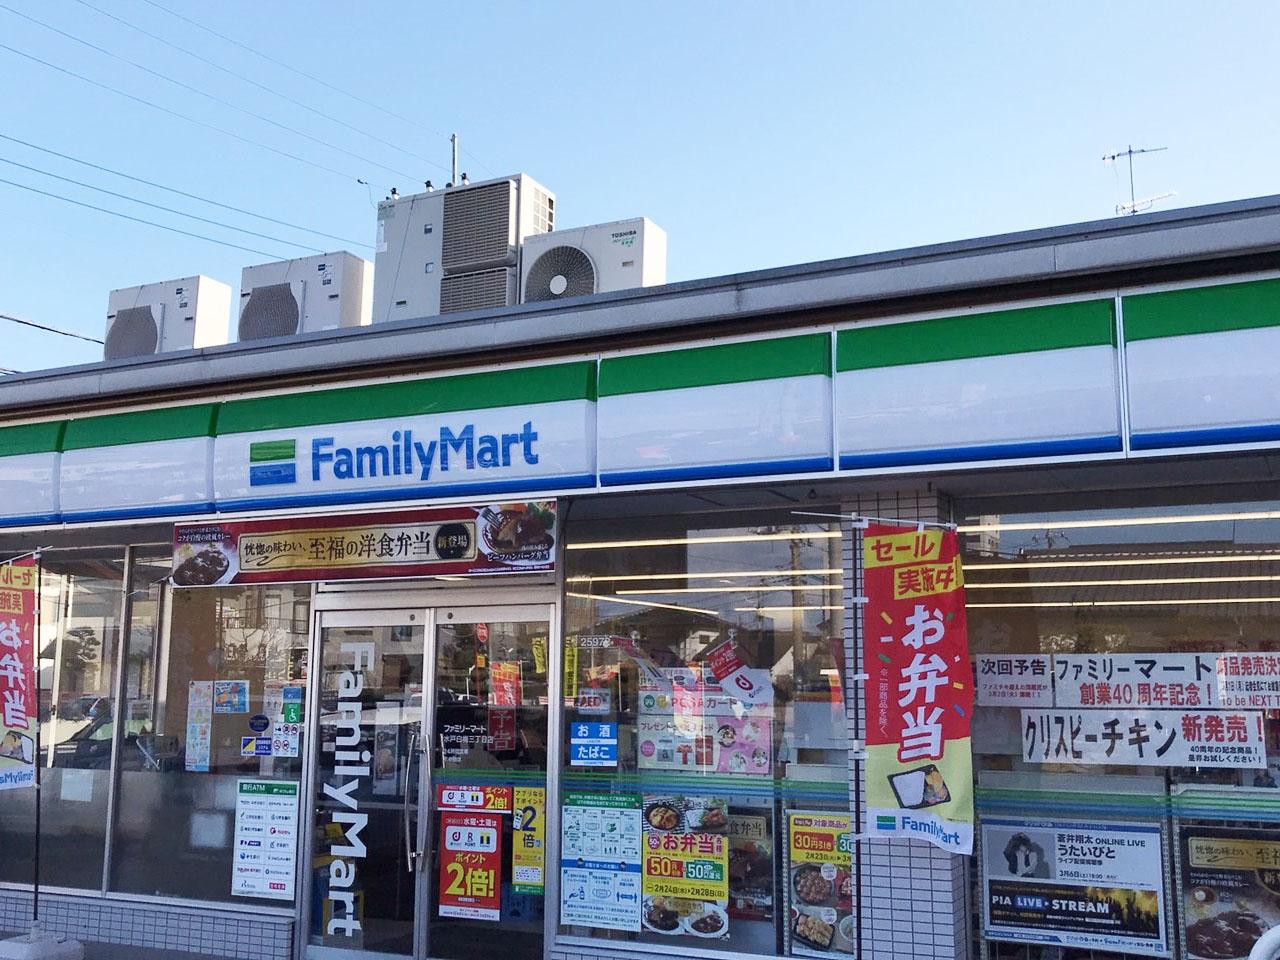 ファミリーマート 水戸白梅三丁目店